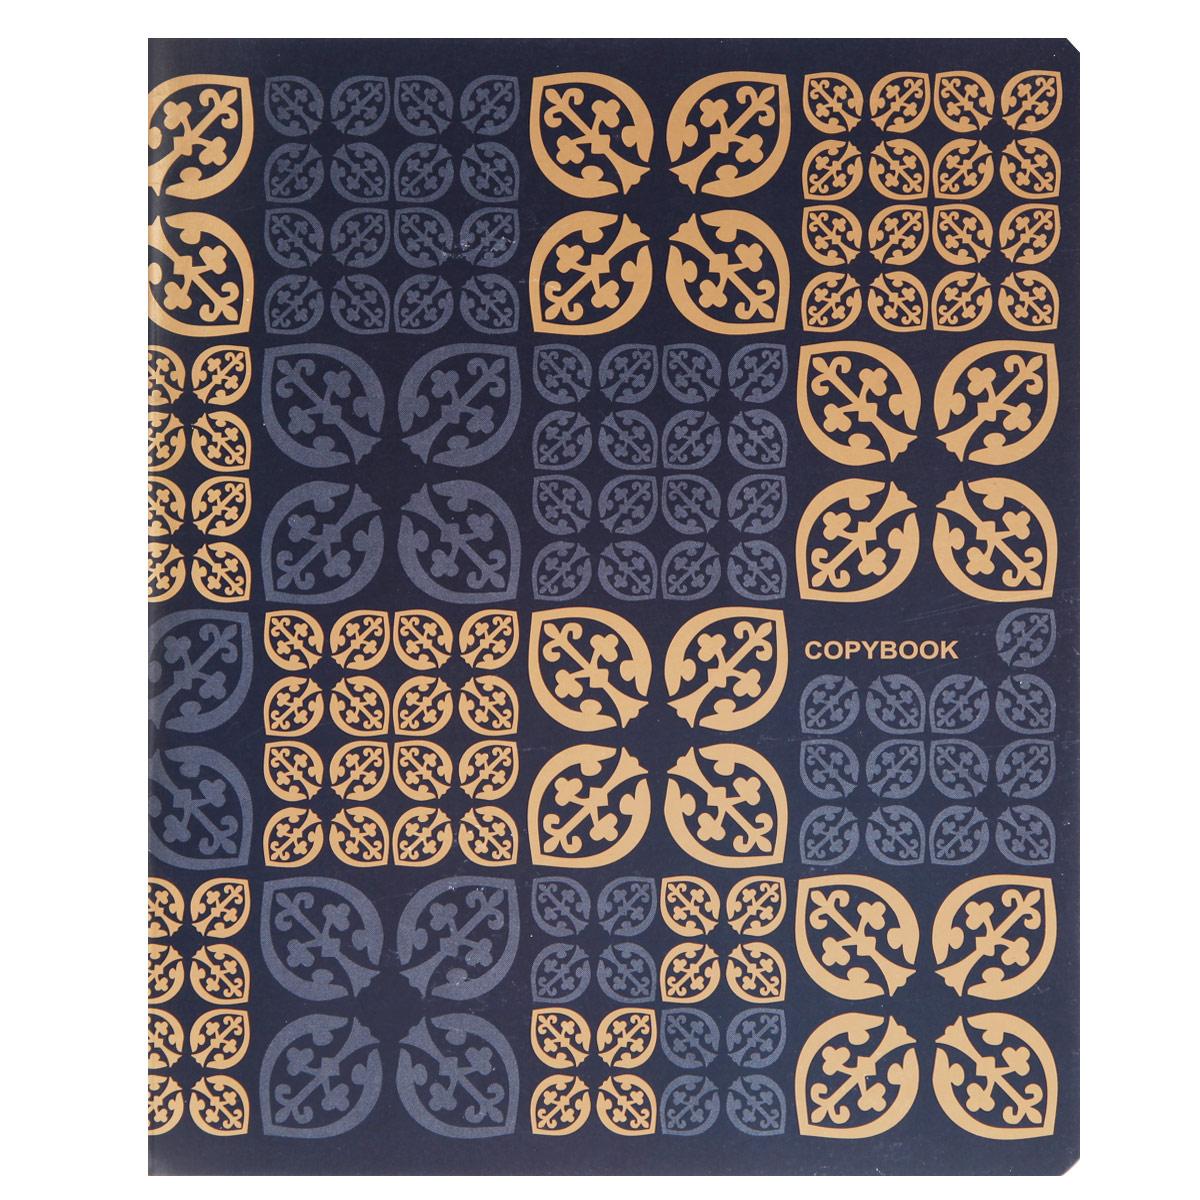 Тетрадь Арабский узор, 48 листов, формат А5, цвет: синий, бронза, рисунок 437577_4Тетрадь в линейку Арабский узор подойдет как студенту, так и школьнику. Обложка тетради оформлена арабскими узорами золотого и бронзового цветов. Обложка с закругленными углами выполнена из плотной бумаги. Внутренний блок состоит из 48 листов белой бумаги. Стандартная линовка в клетку дополнена полями, совпадающими с лицевой и оборотной стороны листа.